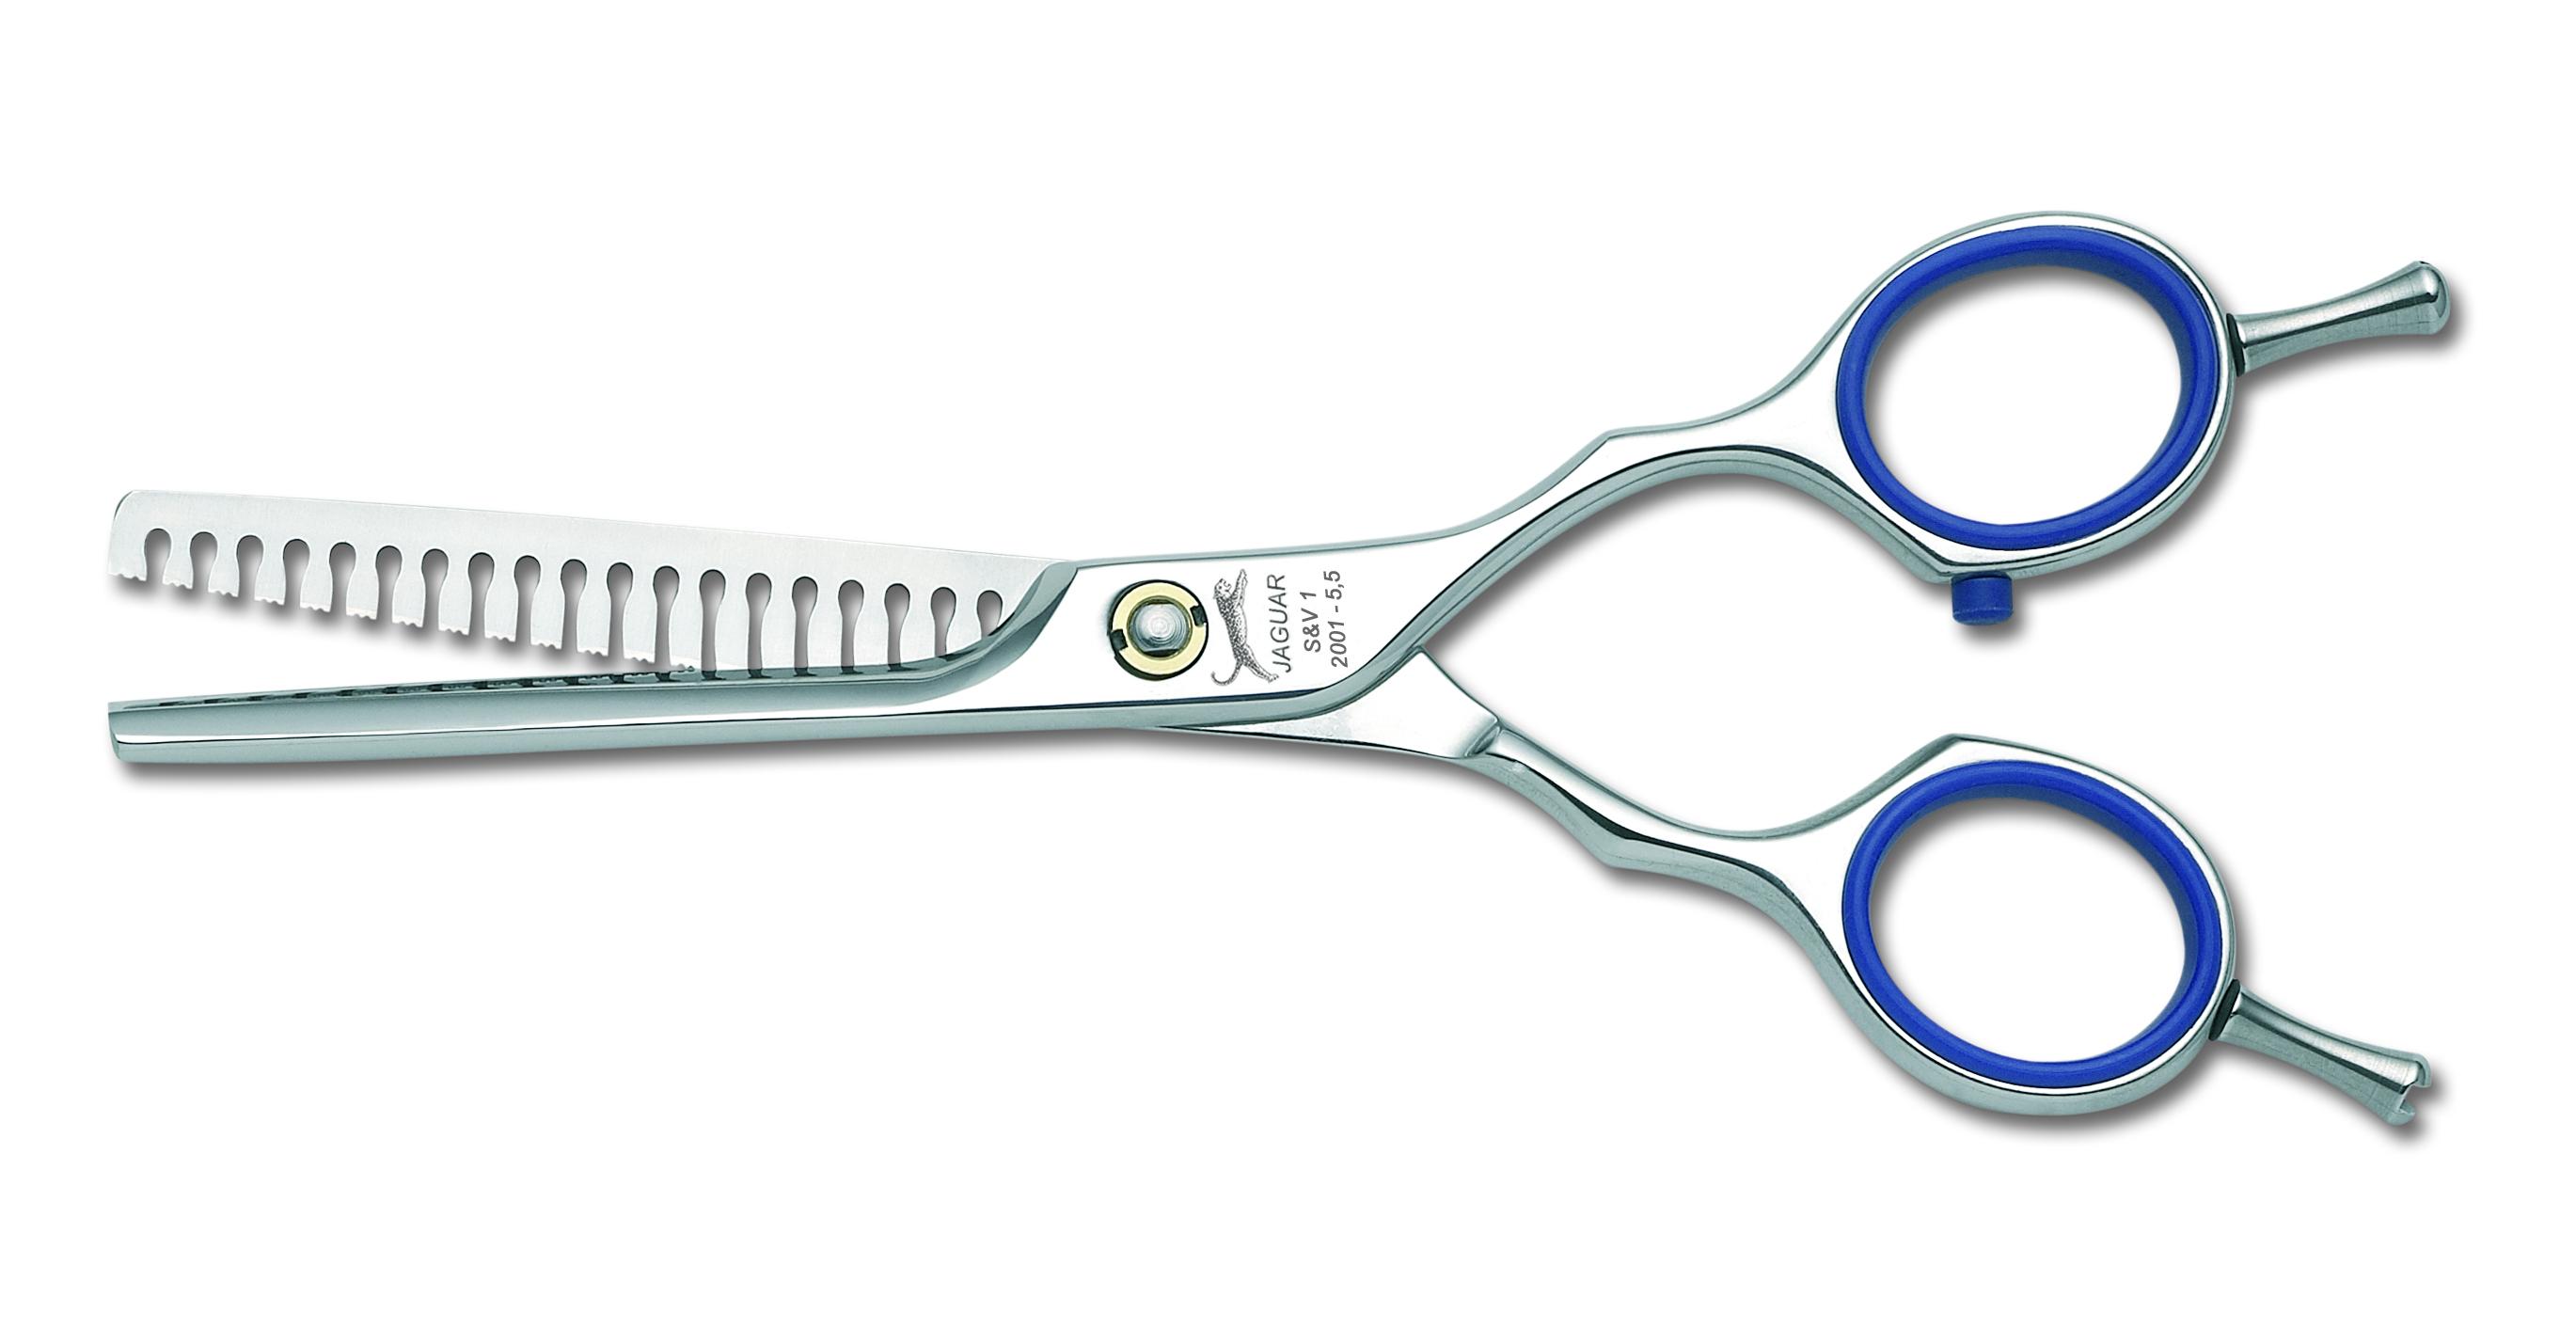 """JAGUAR Ножницы Jaguar S&amp;V 1 фил.5,5(14cm)GLНожницы <br>S&amp;amp;V 1, 5.5"""" = 14.0 cm Филировочные ножницы. Эргономичная форма. Глянцевая полировка. Призмовидные кончики зубцов гарантируют акцентированную и точную линию среза и особенно хорошо подходят для мягких контуров. Длинна полотен ножниц: 14 см.<br><br>Класс косметики: Профессиональная"""